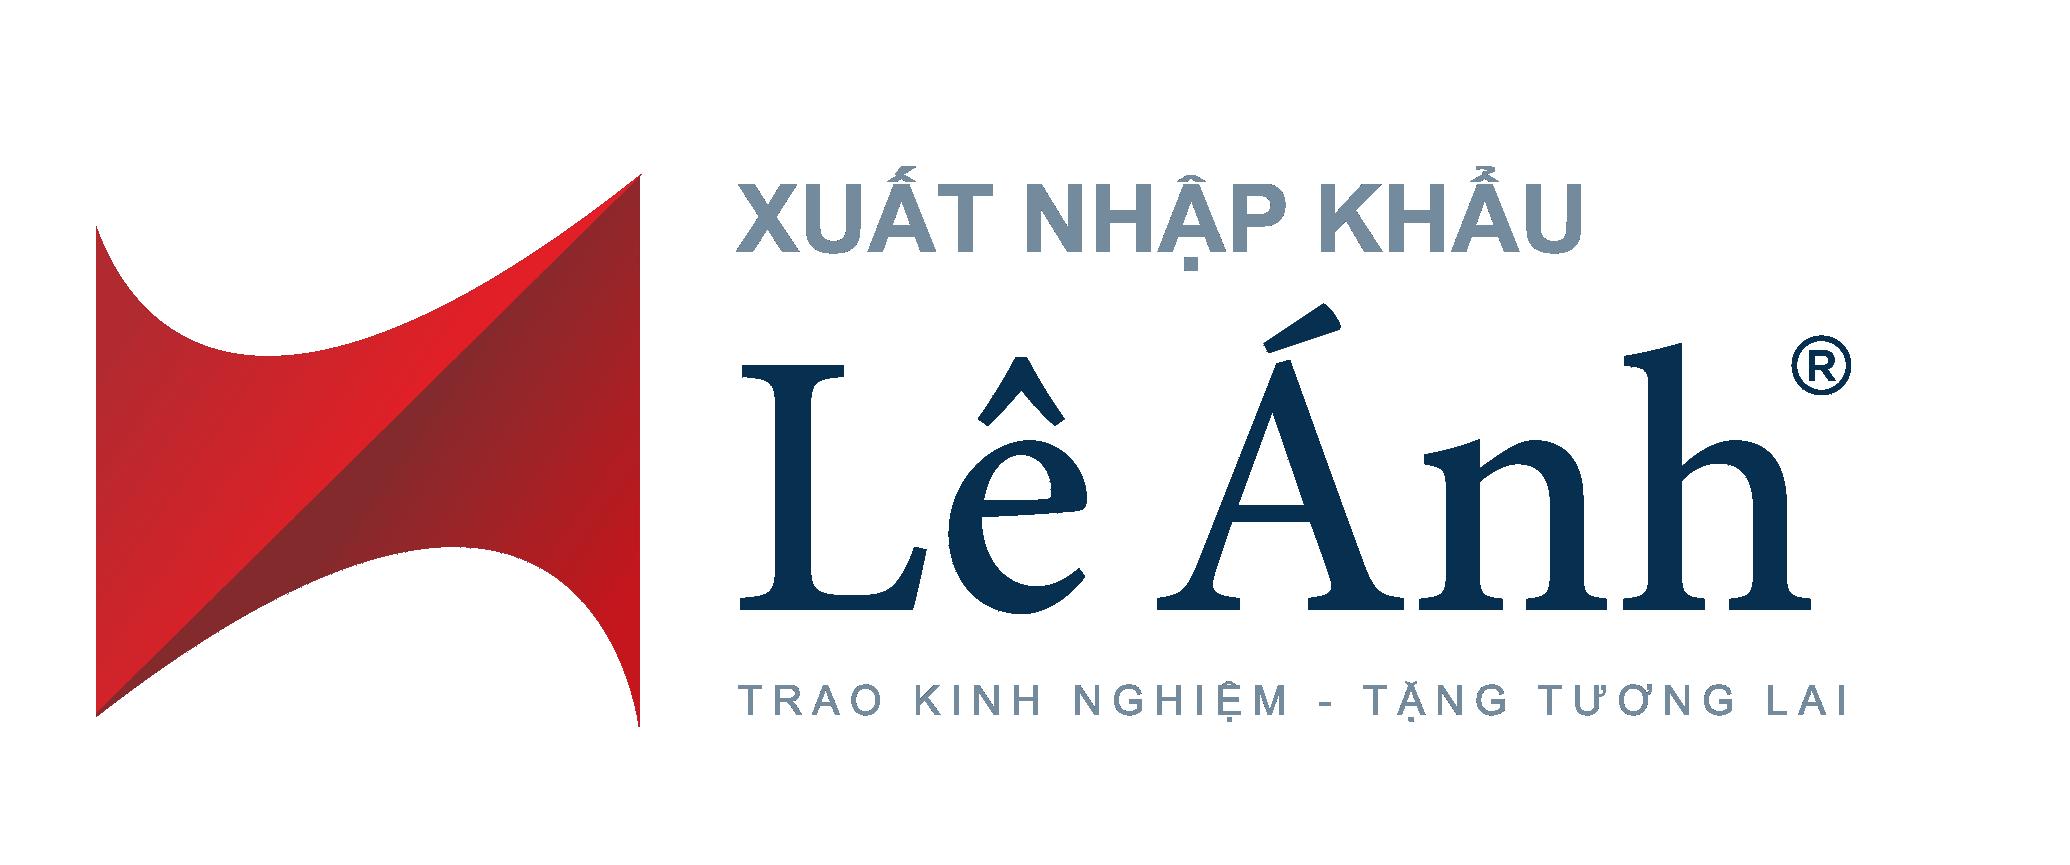 Trung tâm đào tạo xuất nhập khẩu Lê Ánh